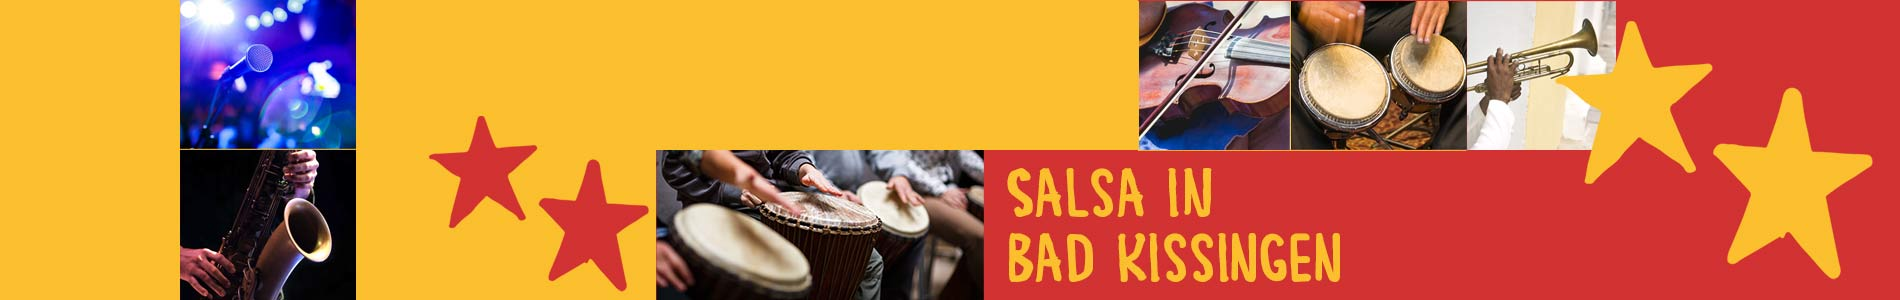 Salsa in Bad Kissingen – Salsa lernen und tanzen, Tanzkurse, Partys, Veranstaltungen